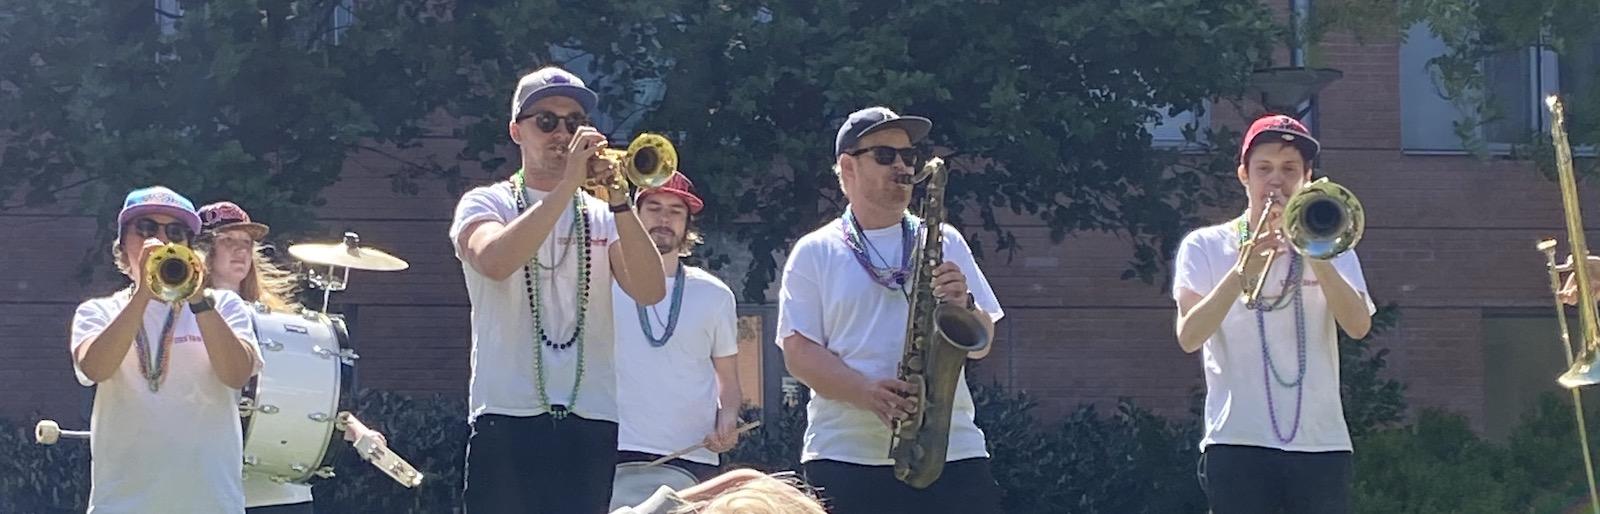 Toppar, dalar brass band och mamma